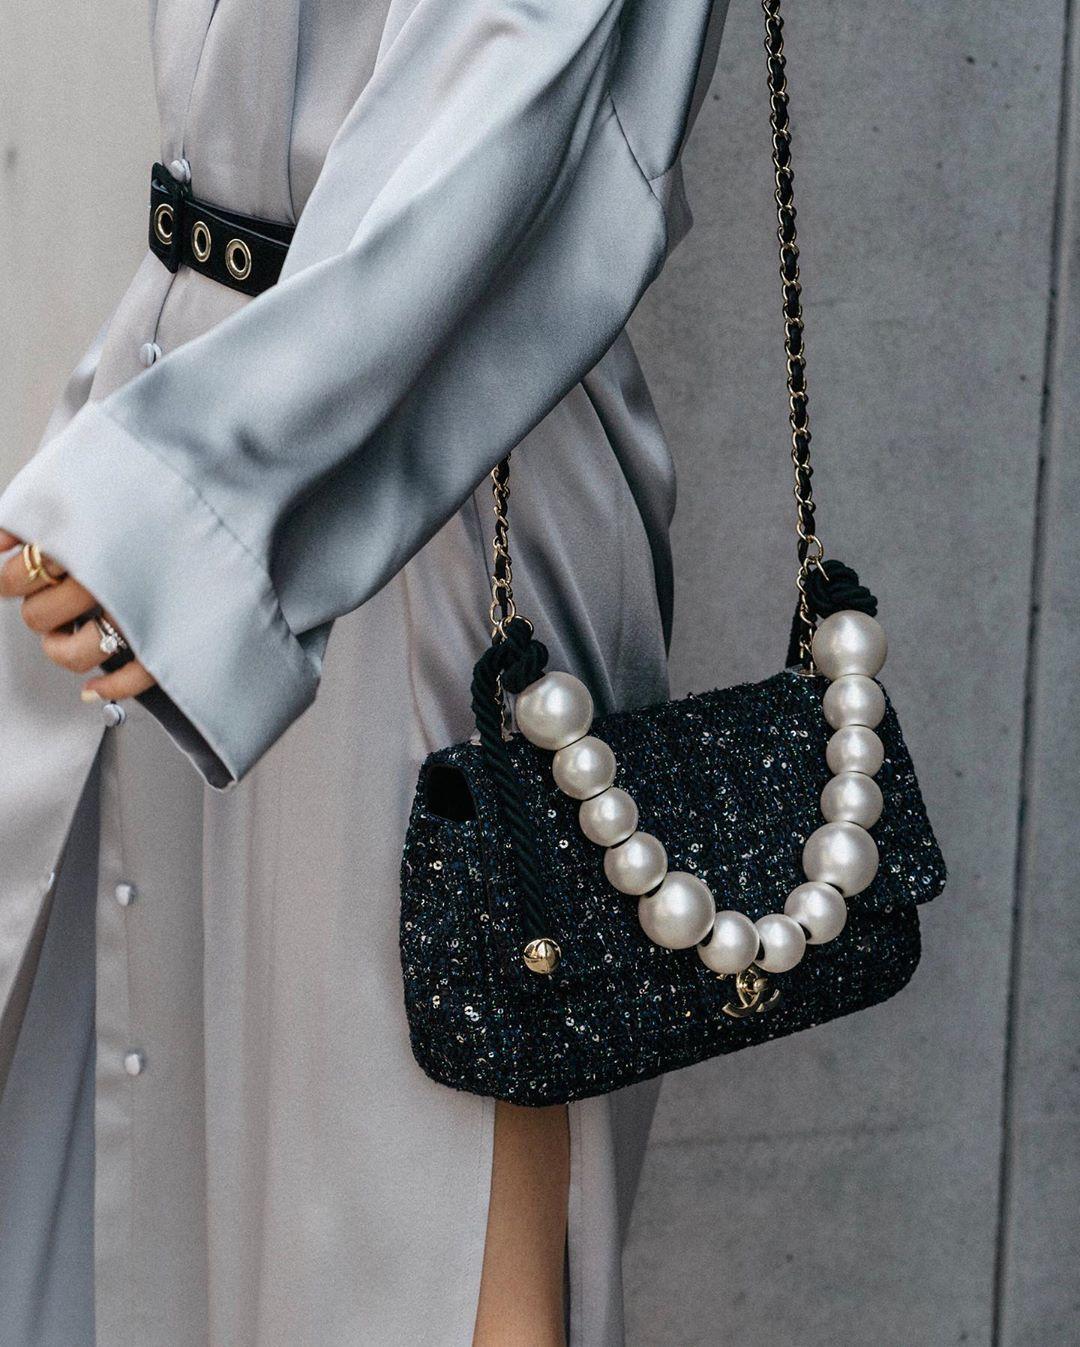 Túi xách thương hiệu thời trang Chanel màu đen quai xách ngọc trai